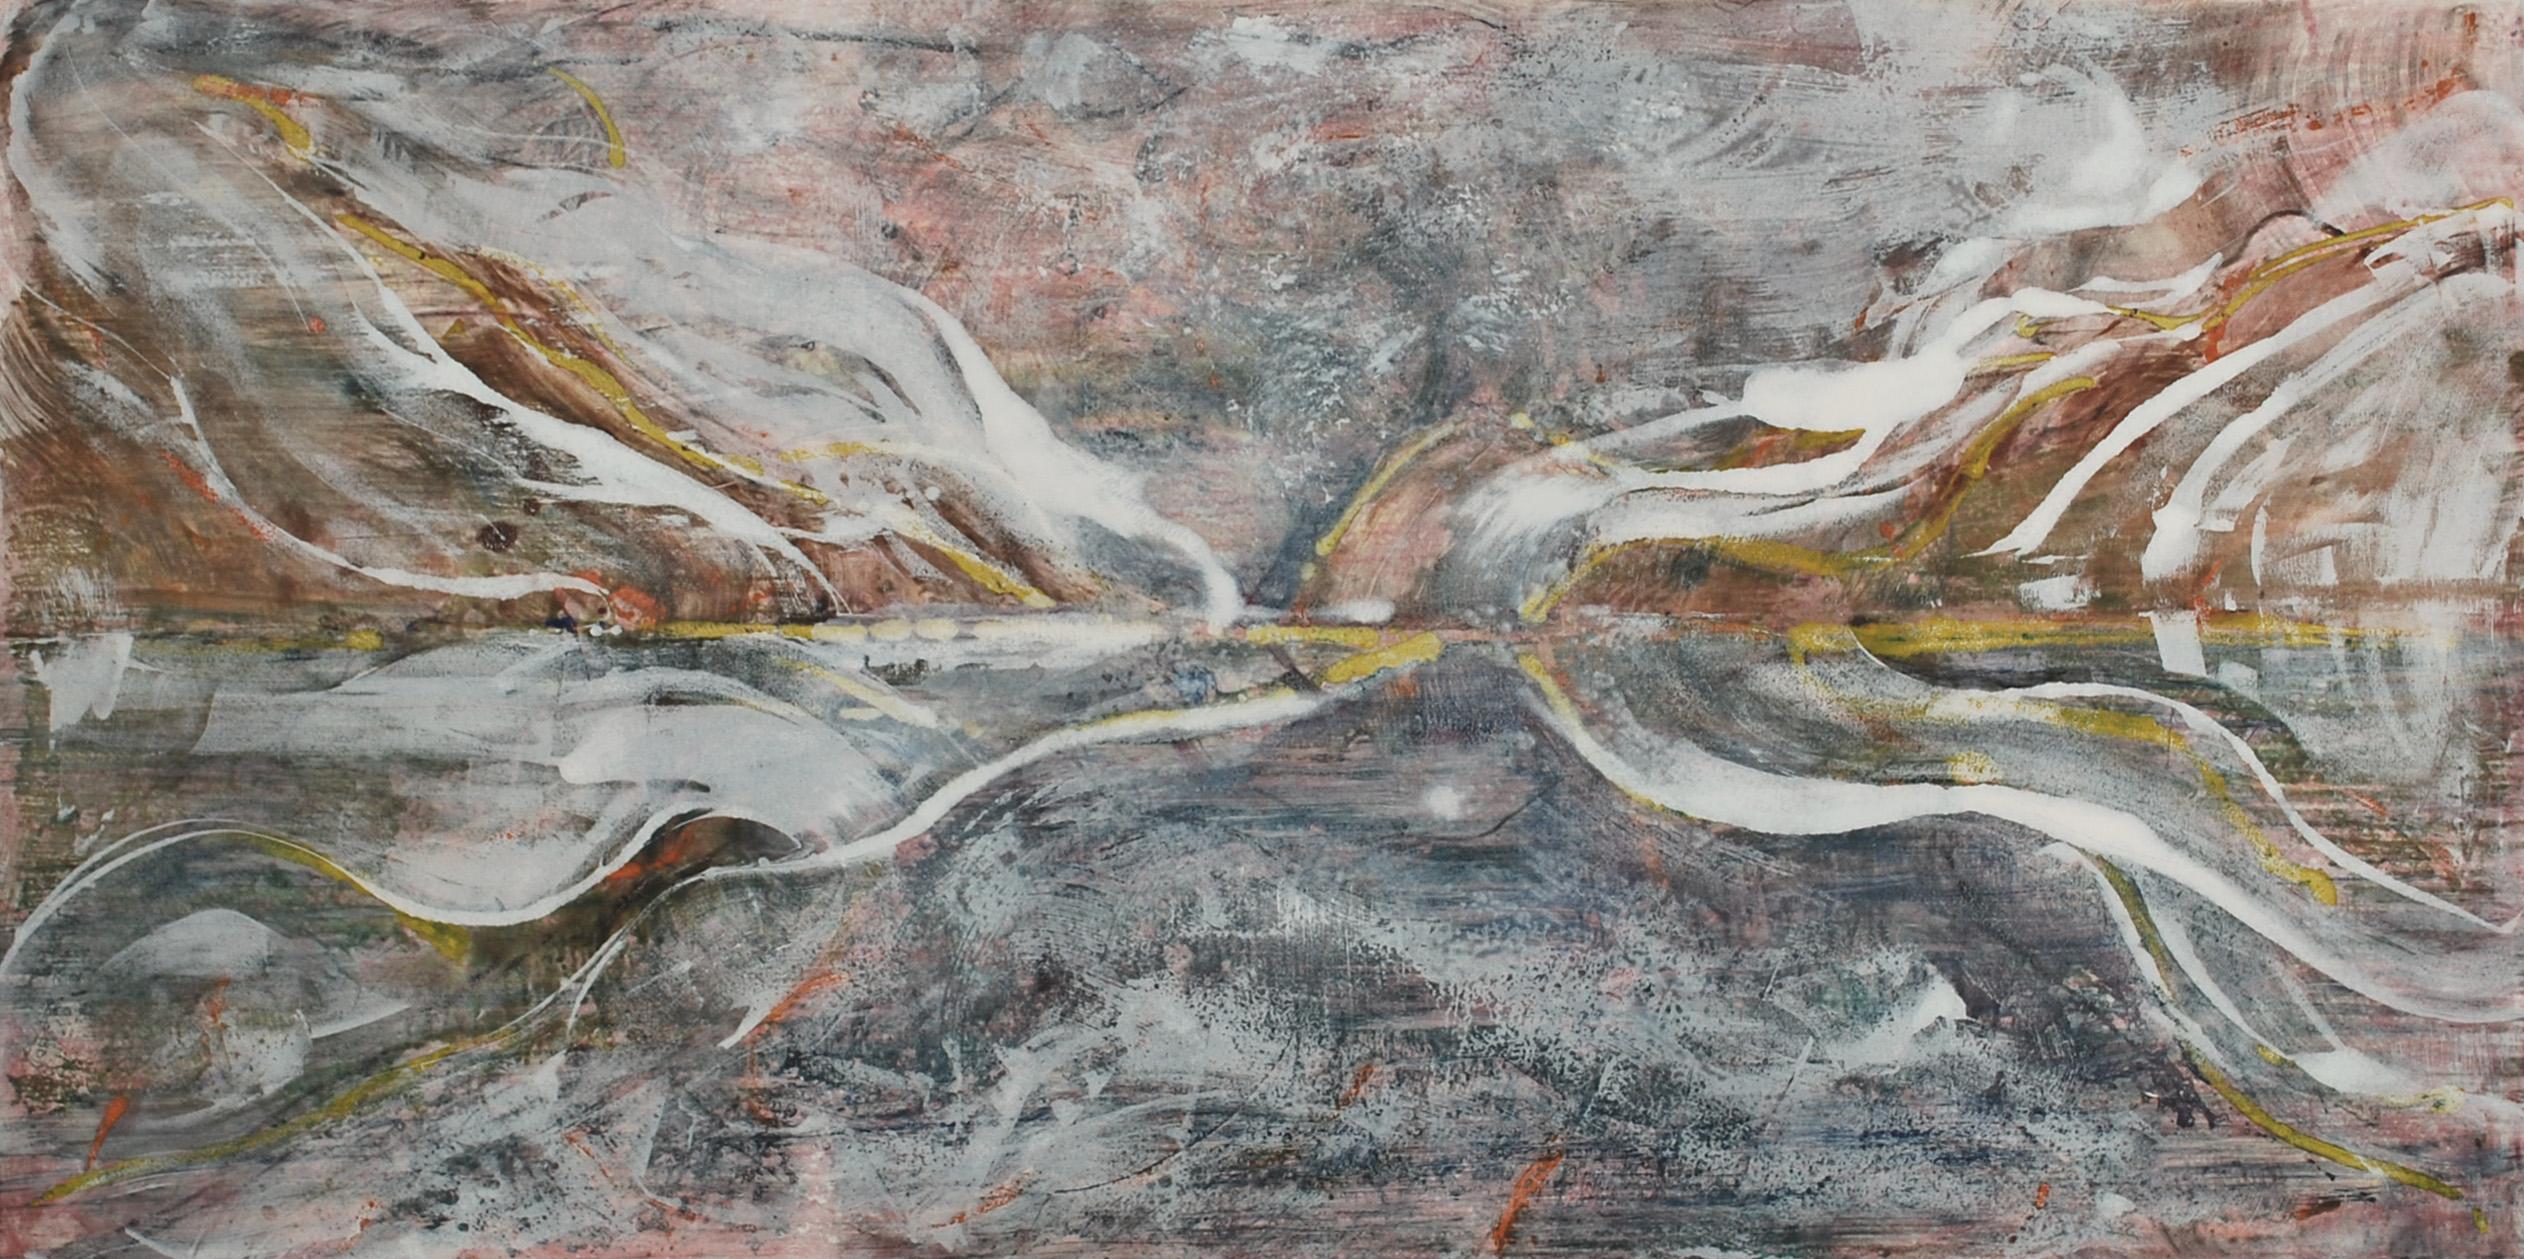 Every Breaking Wave #11 by Deborah Freedman